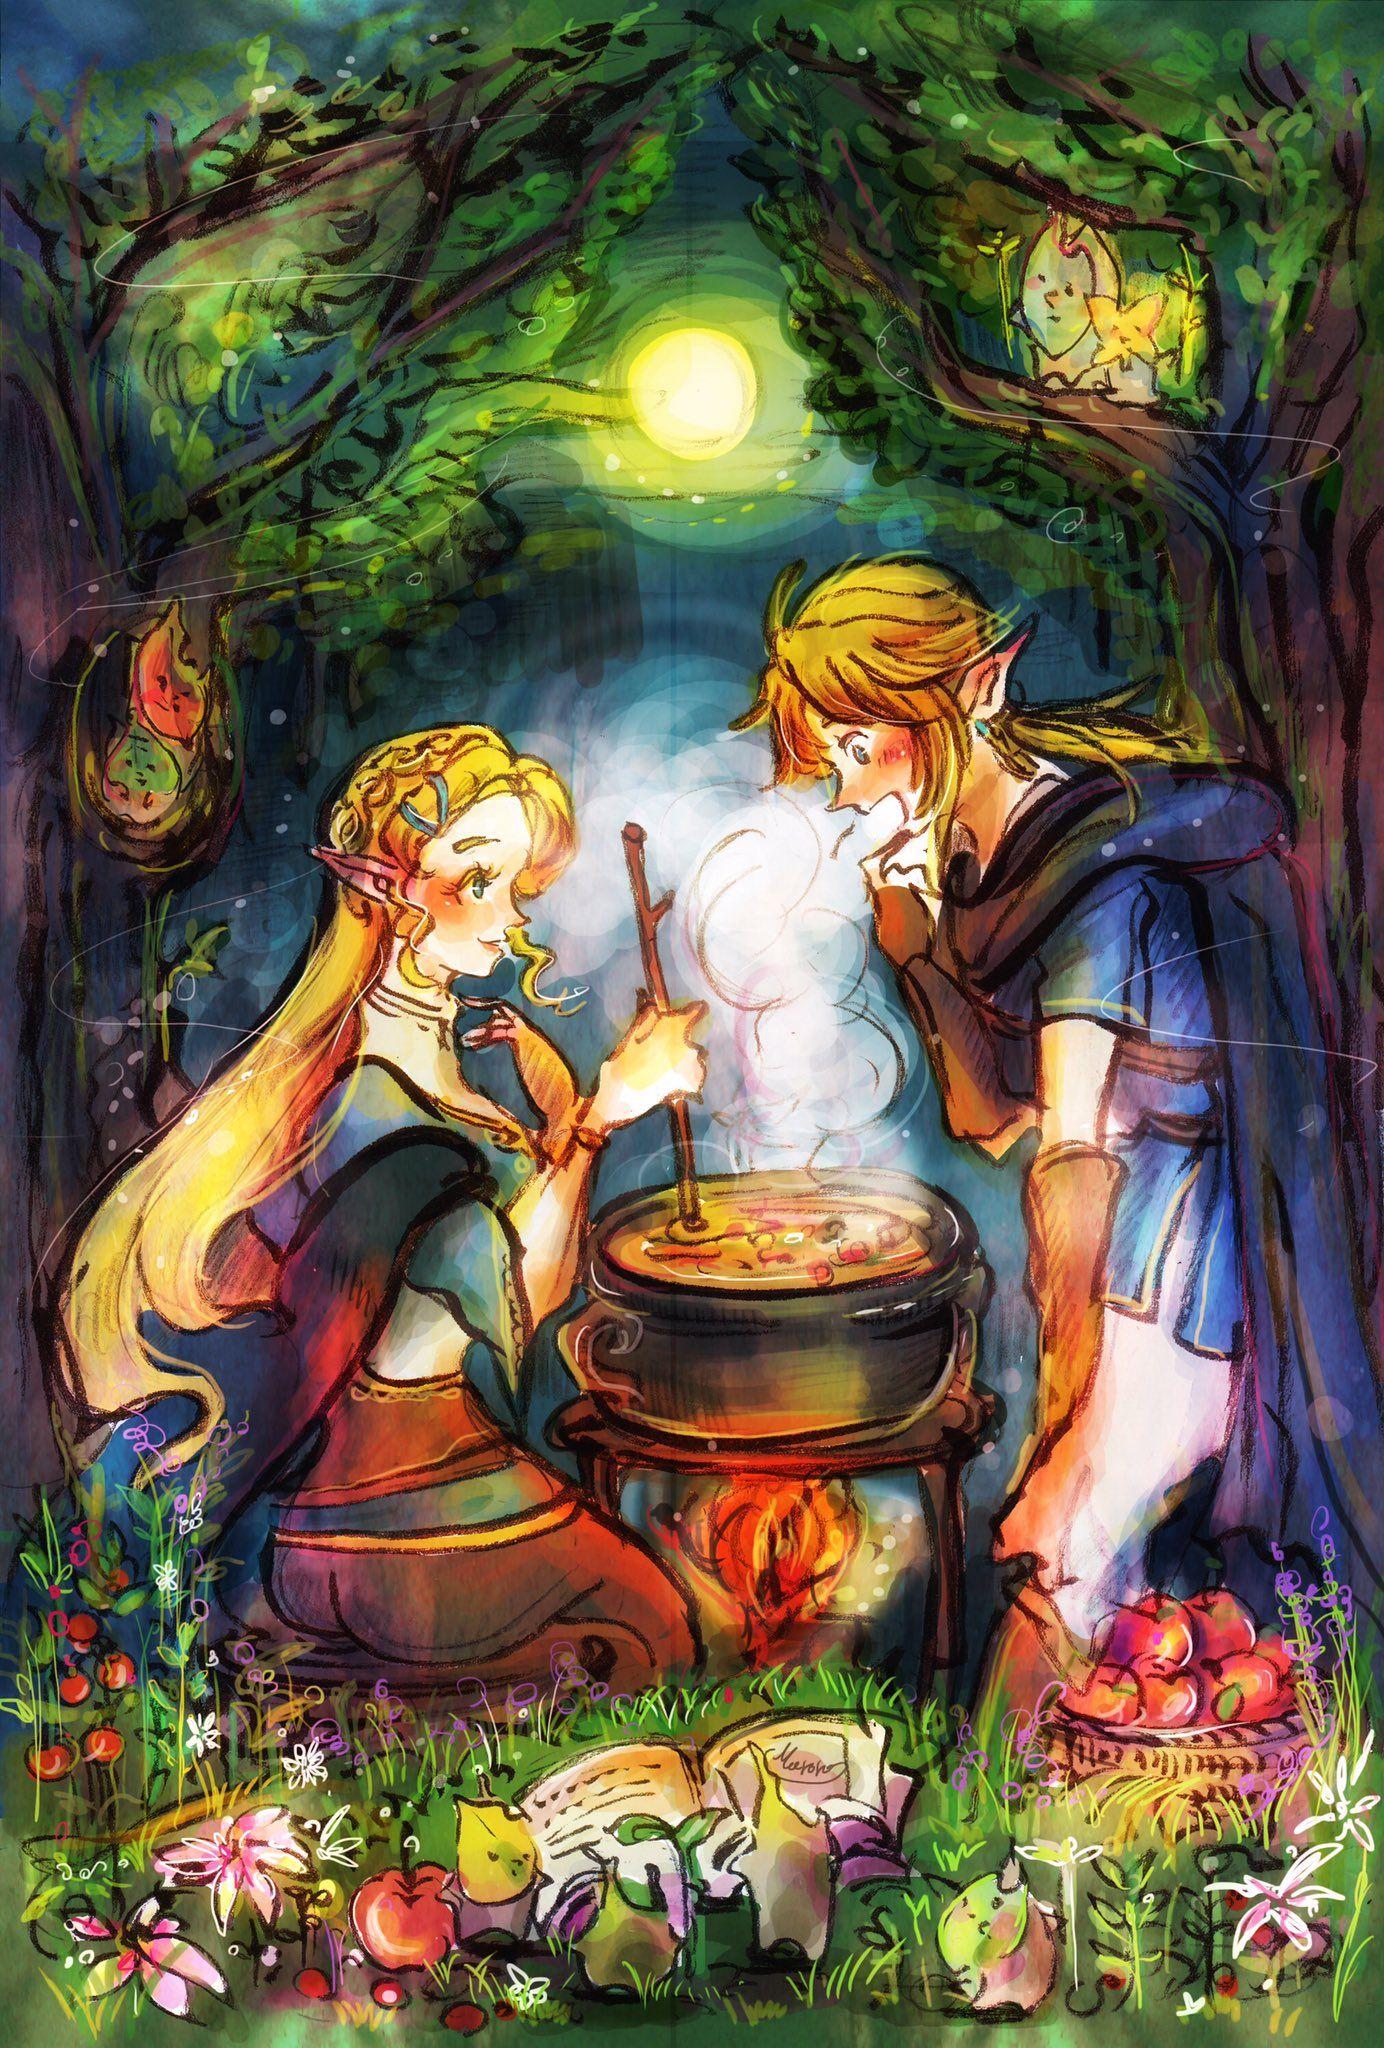 Link, Princess Zelda | Series artist: #Maroro210 | #Zelda #botw #Switch